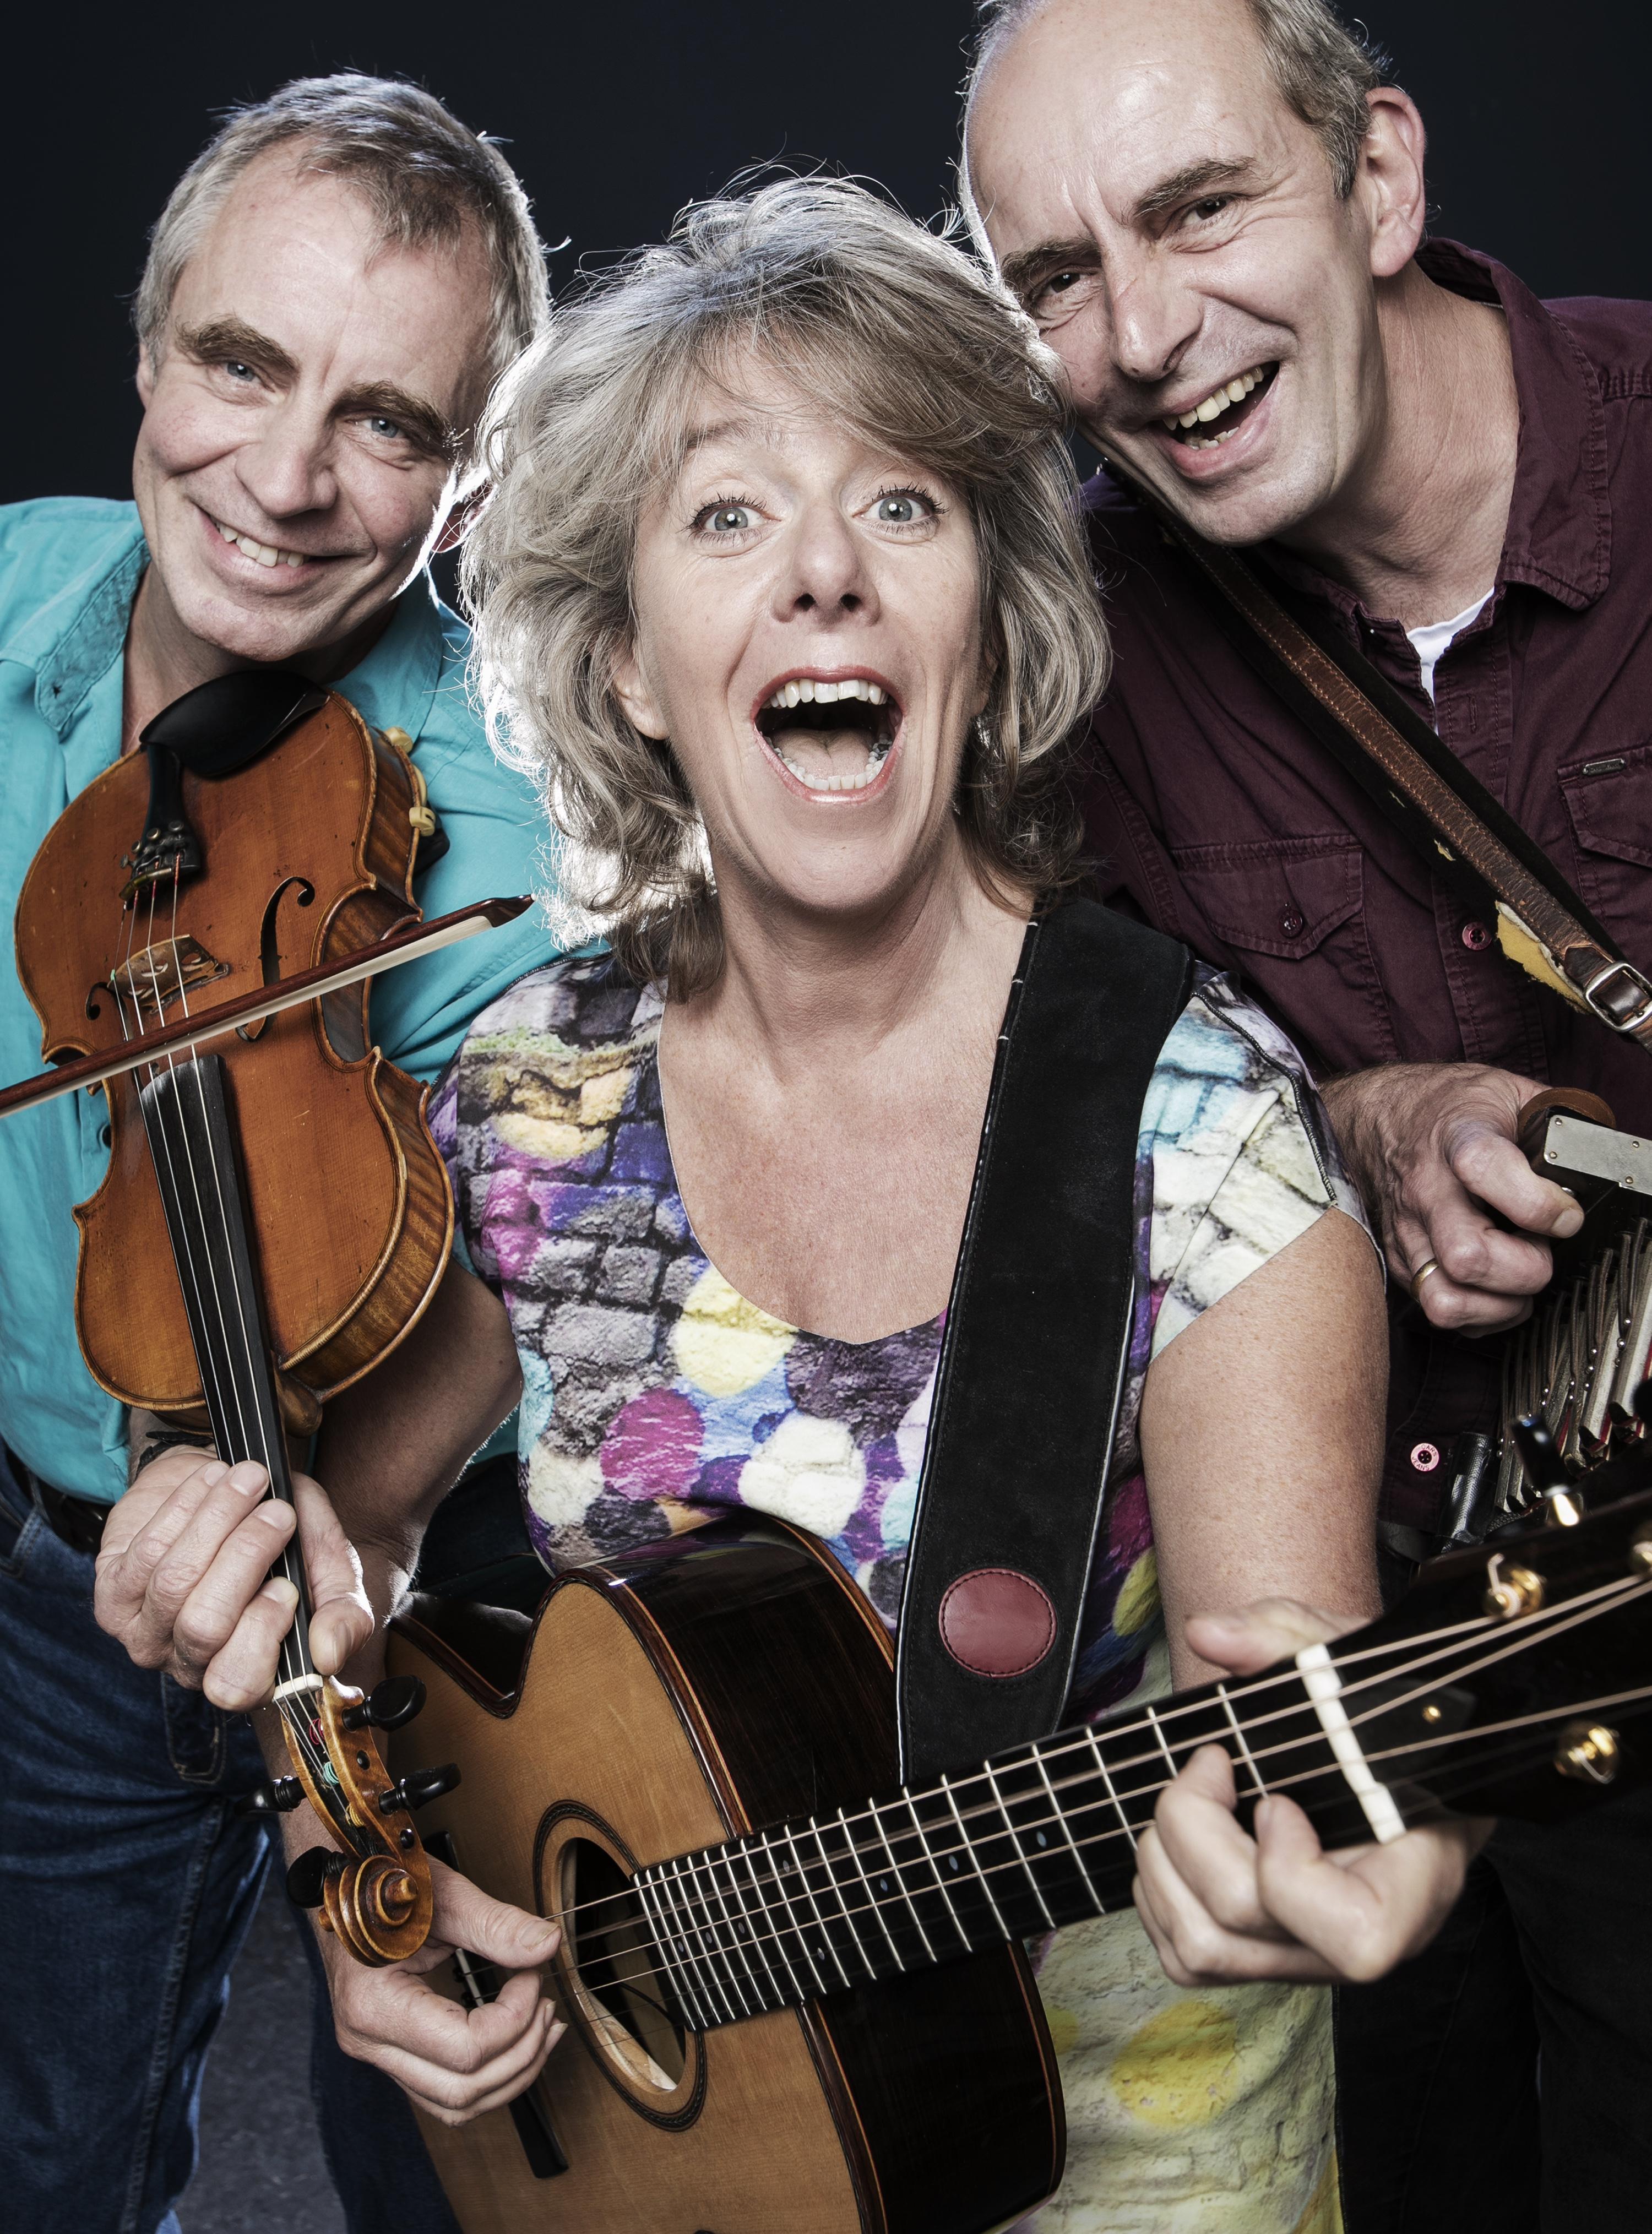 Marjolein Meijers en haar vaste muzikanten Walter en Onno Kuijpers brengen 'Muziek!' in de Herboren Toren. (Foto: aangeleverd)